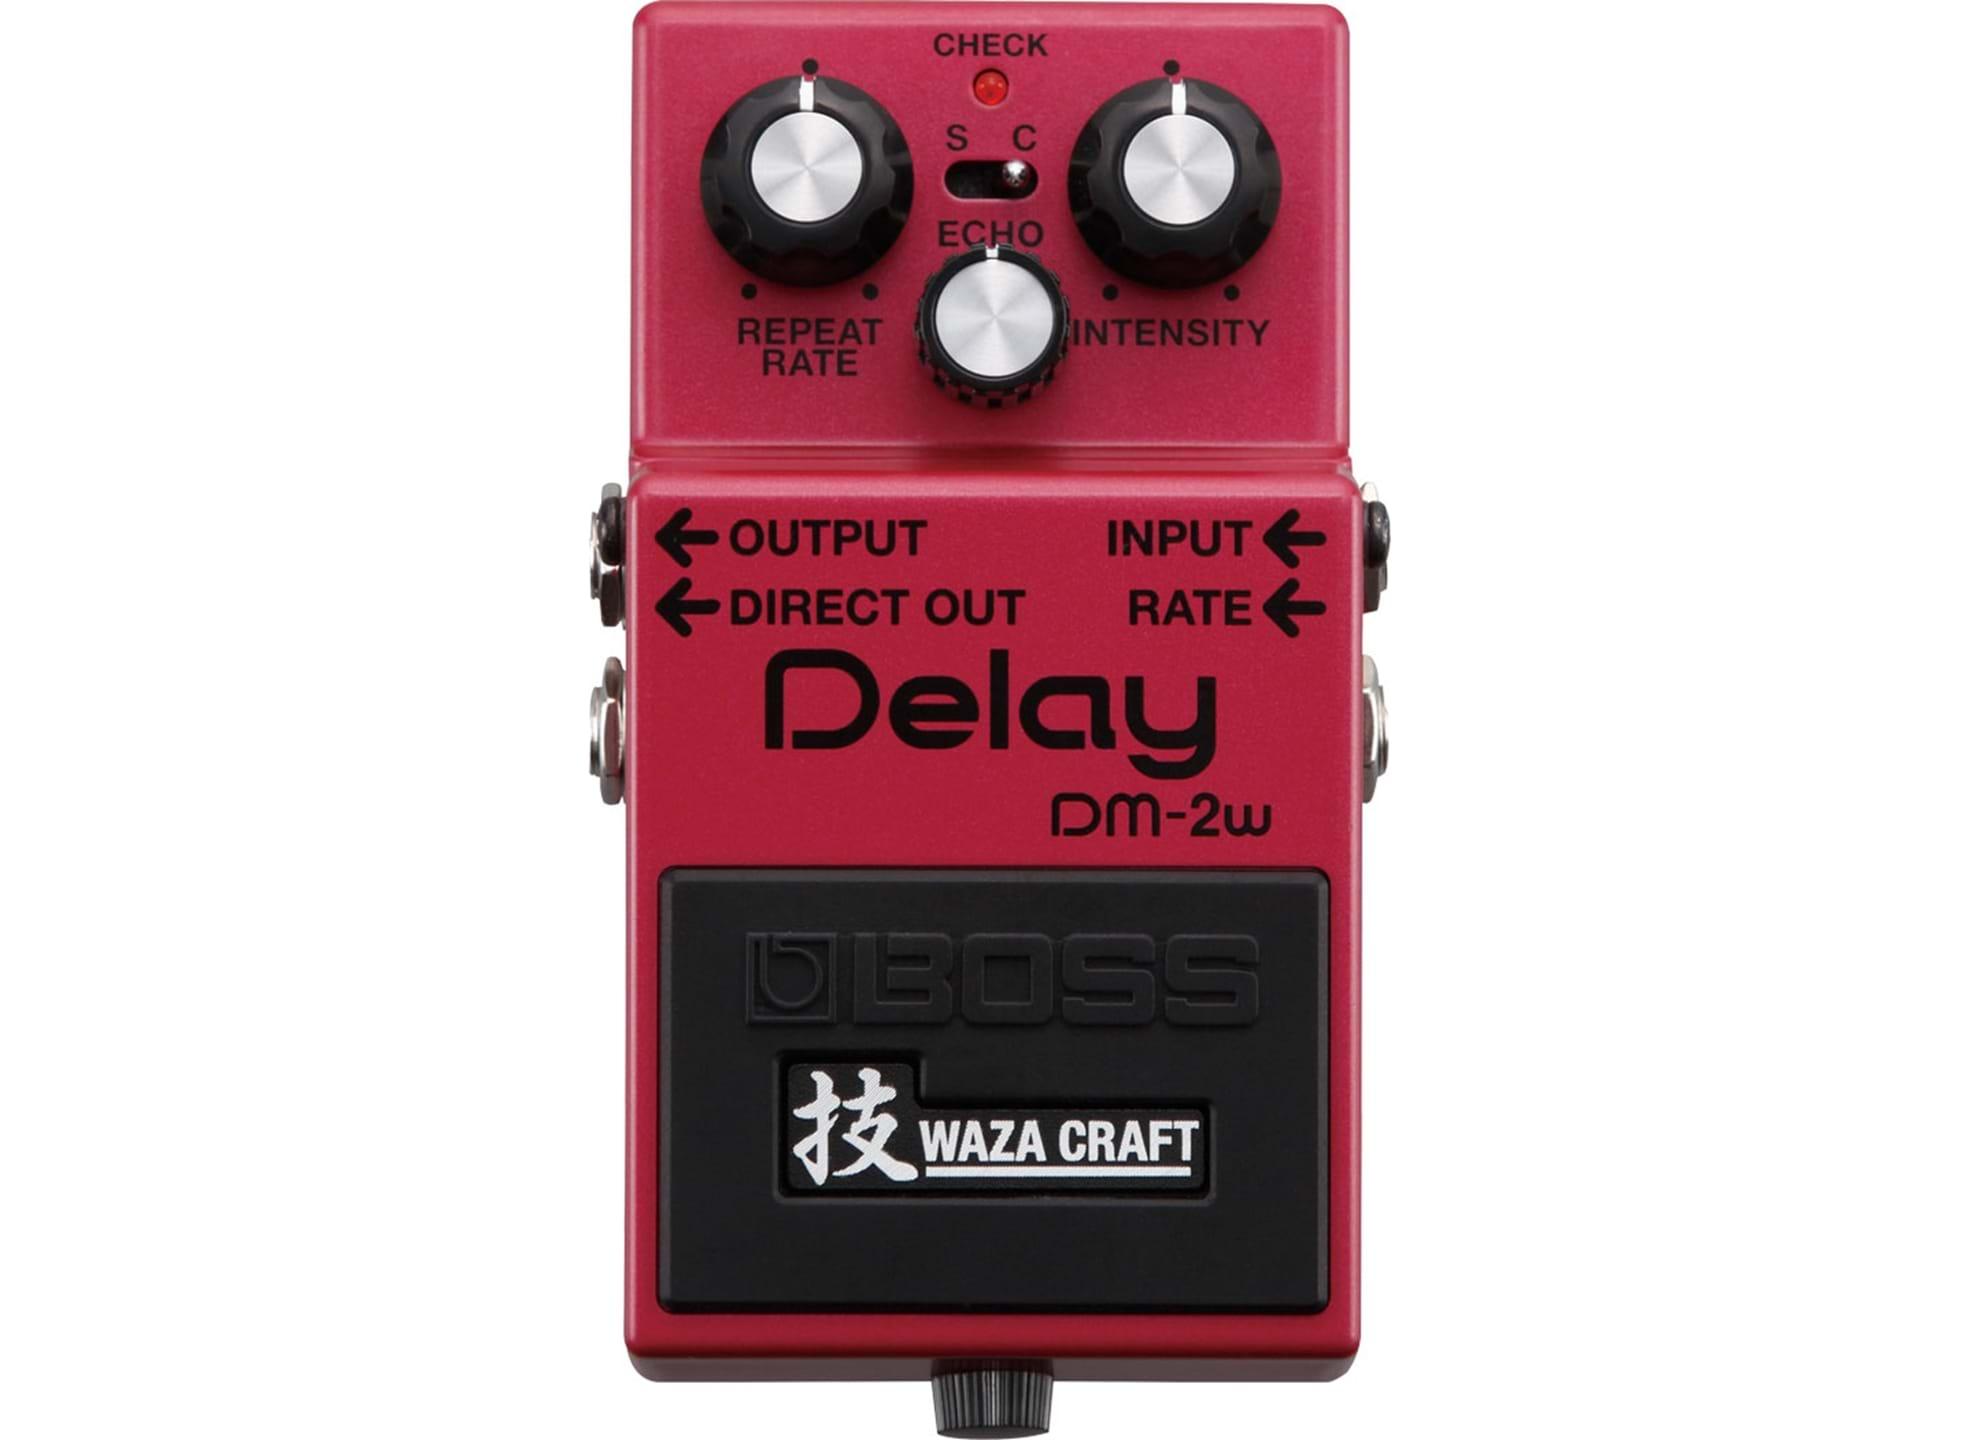 DM-2W Waza Craft Delay